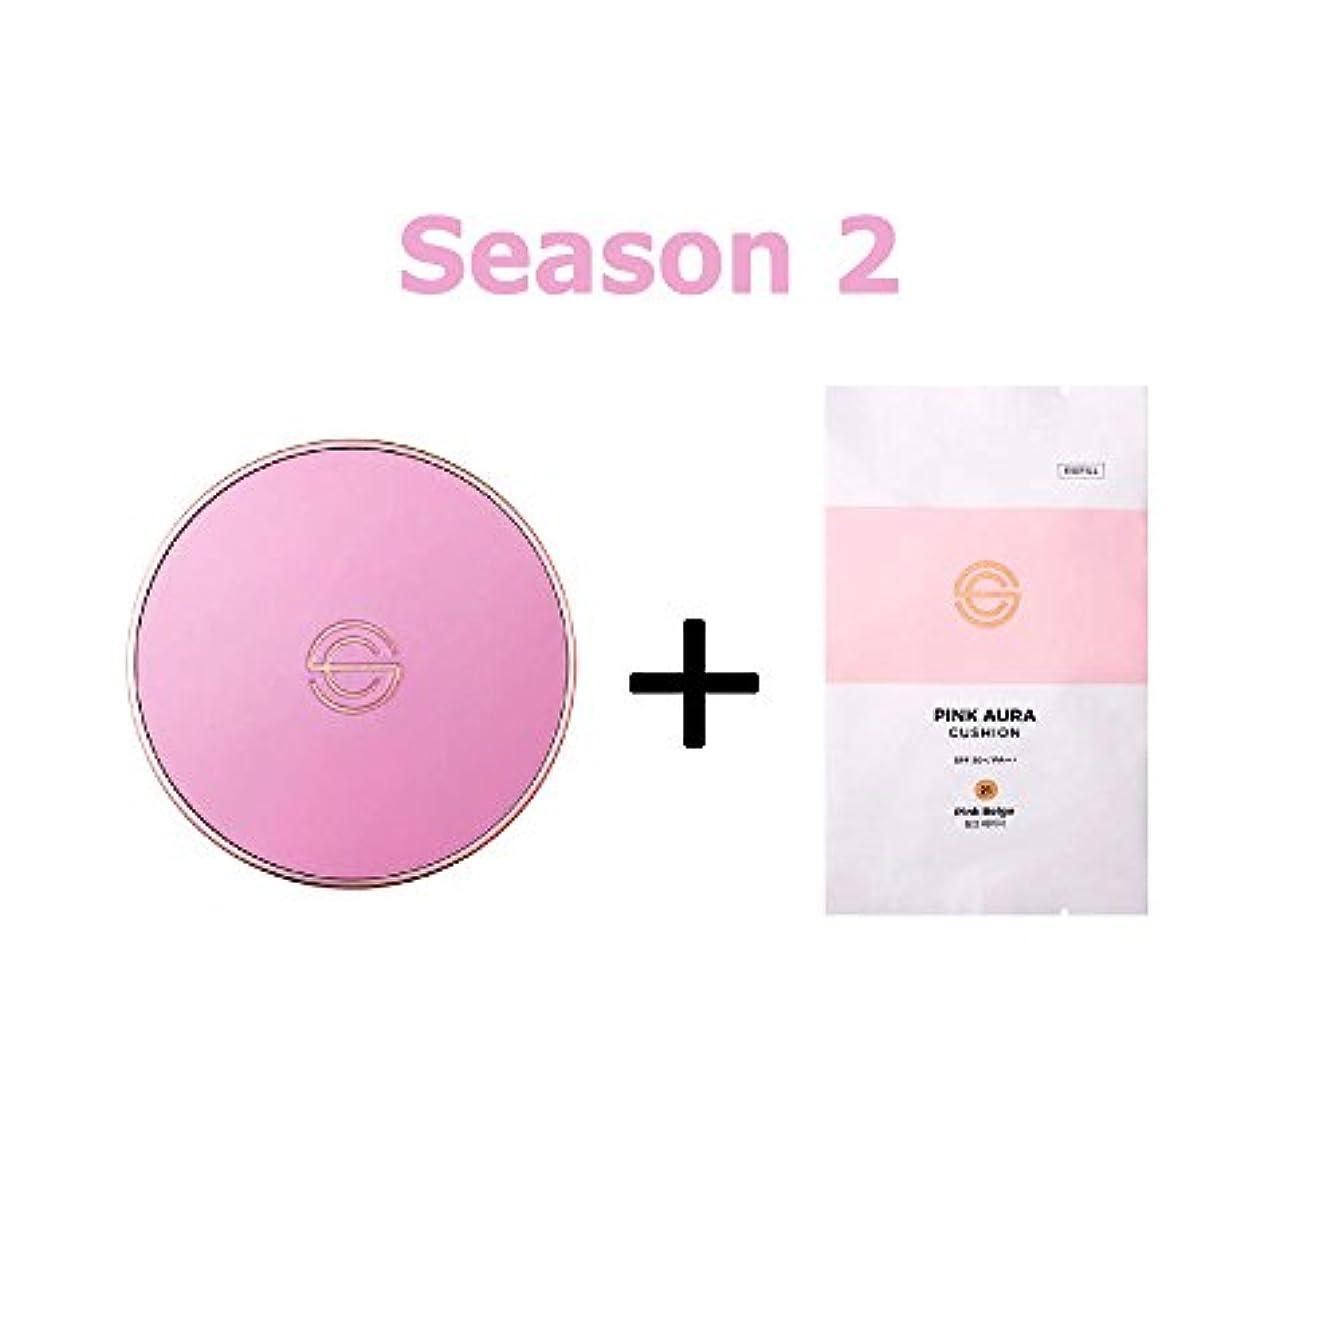 怒り比較め言葉[Season 2] DPC Pink Aura Cushion 15g + Refill 15g/DPC ピンク オーラ クッション 15g + リフィル 15g (#21 Pink Beige) [並行輸入品]